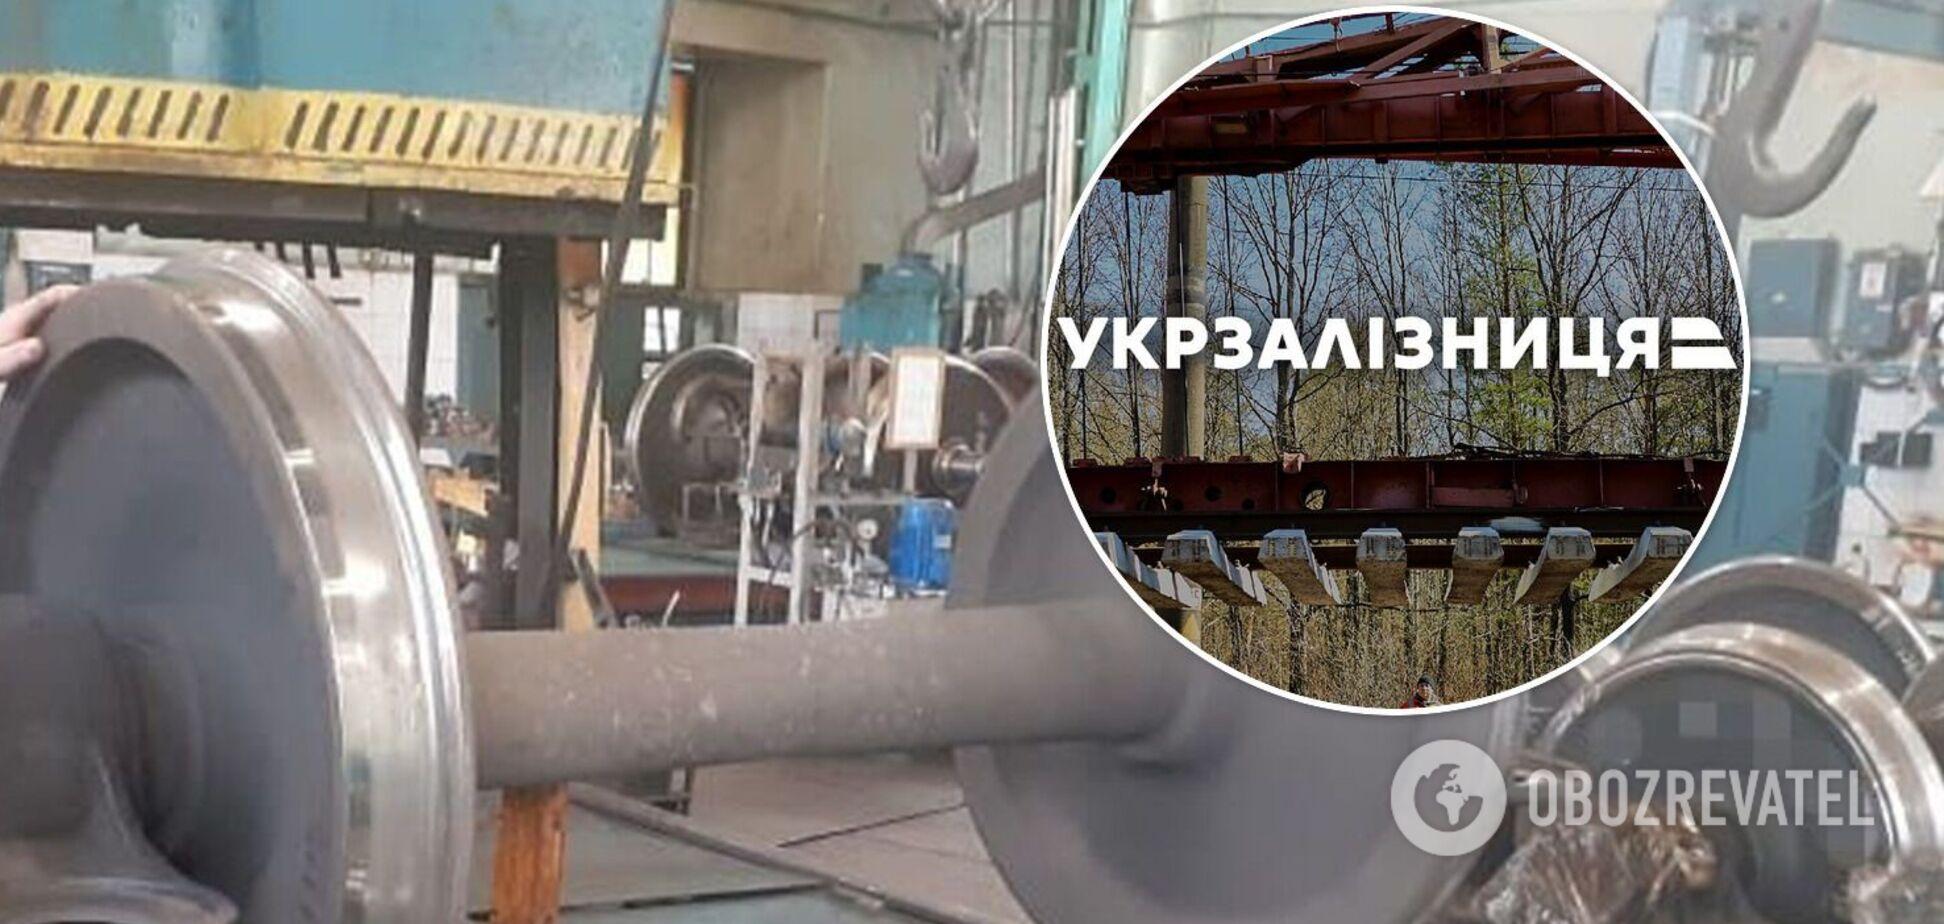 У'Укрзалізниці' похитили 2 млн грн